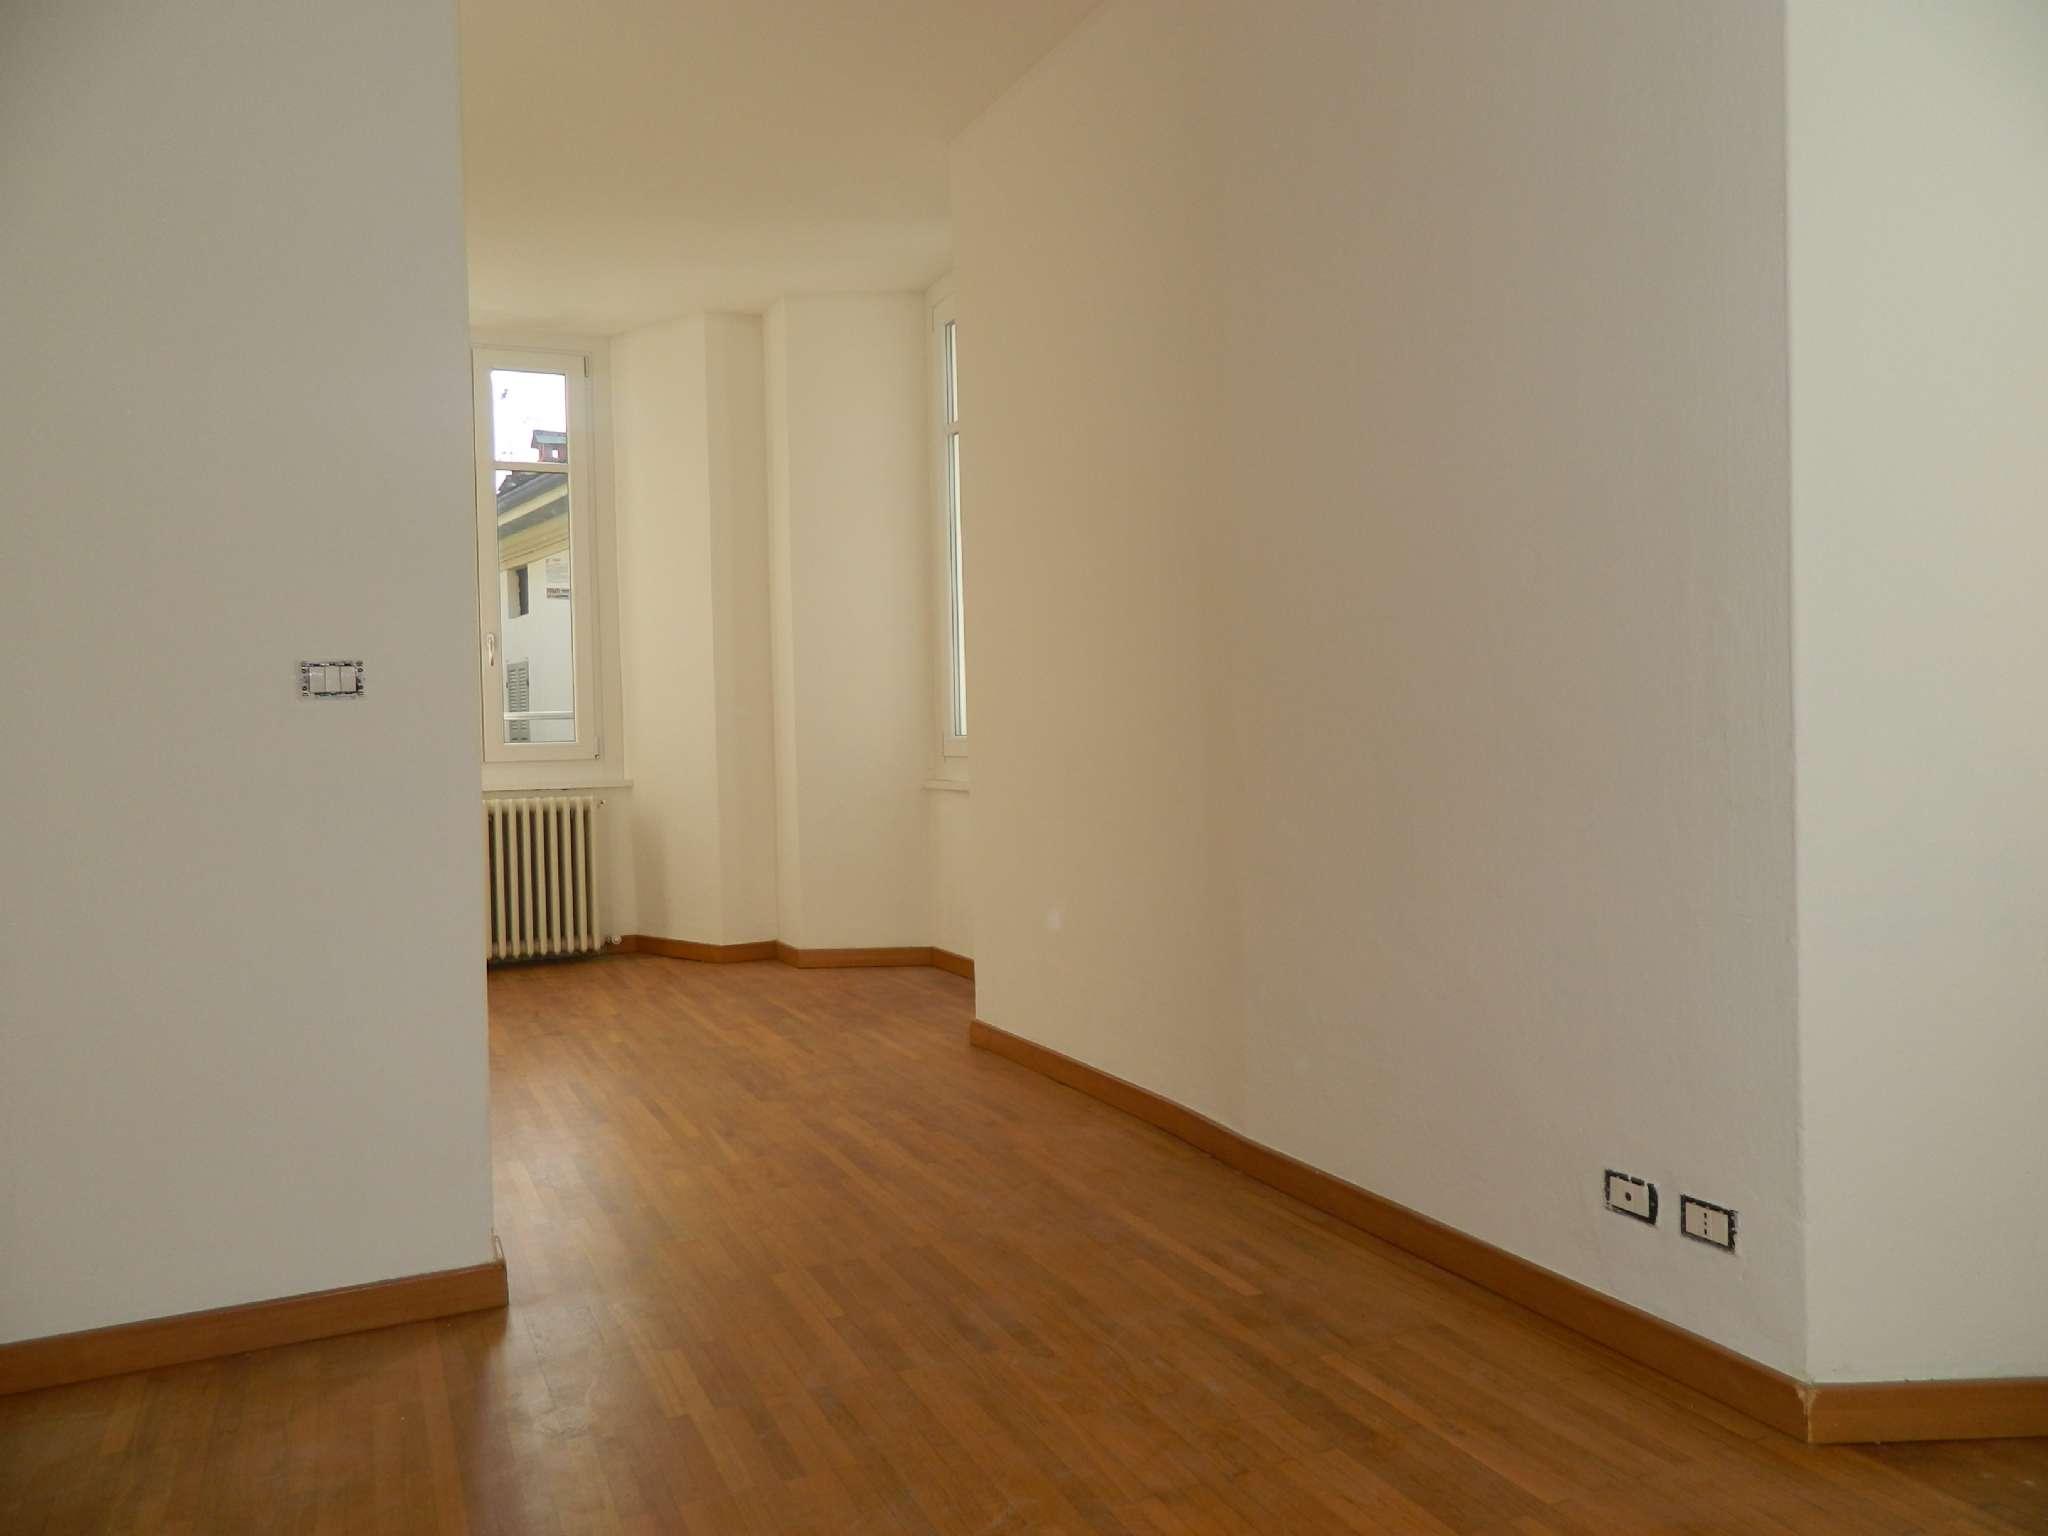 Appartamento in affitto a Sondrio, 4 locali, prezzo € 430 | CambioCasa.it